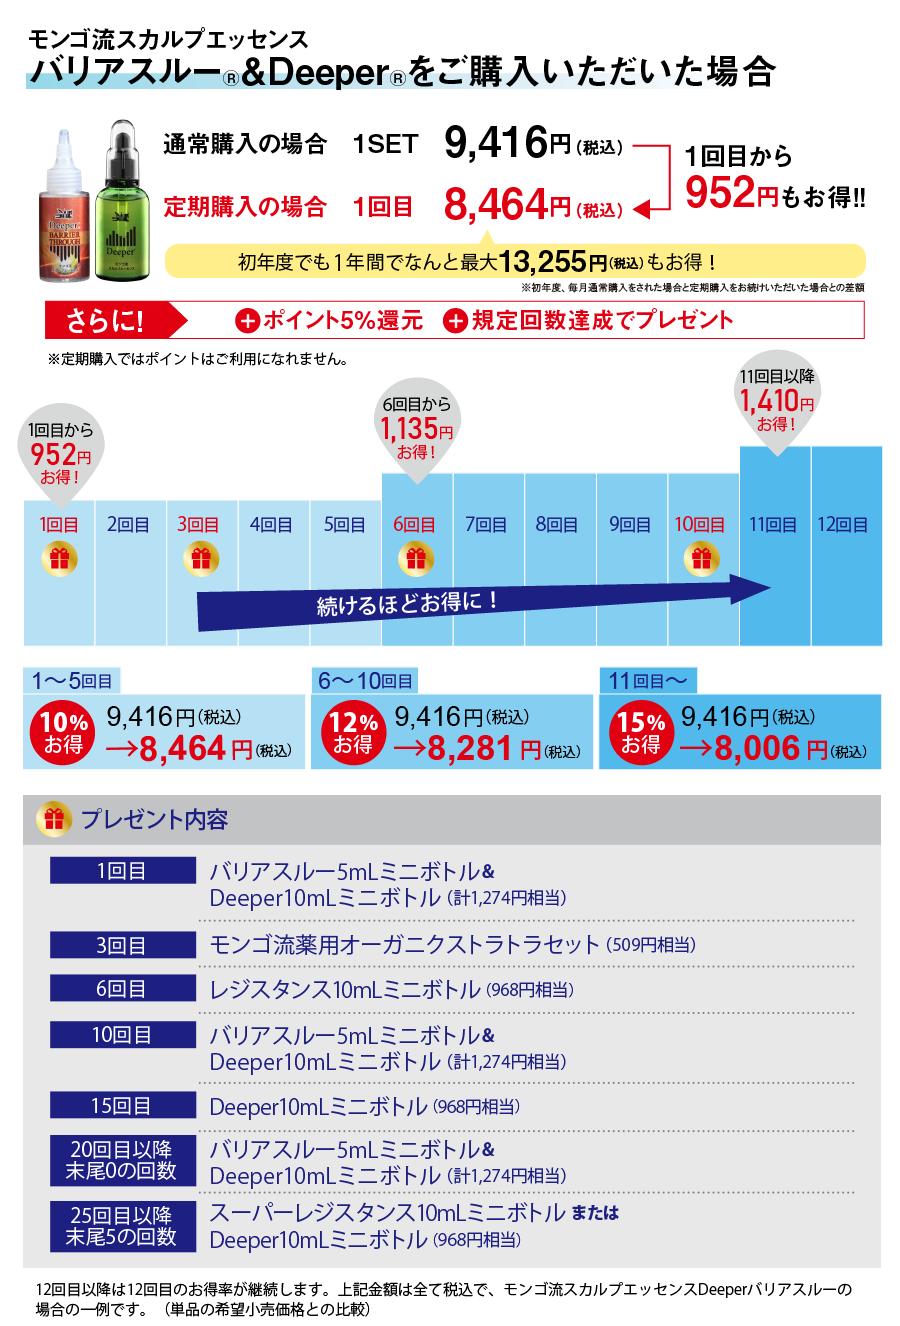 バリアスルー&deeperの場合952円お得